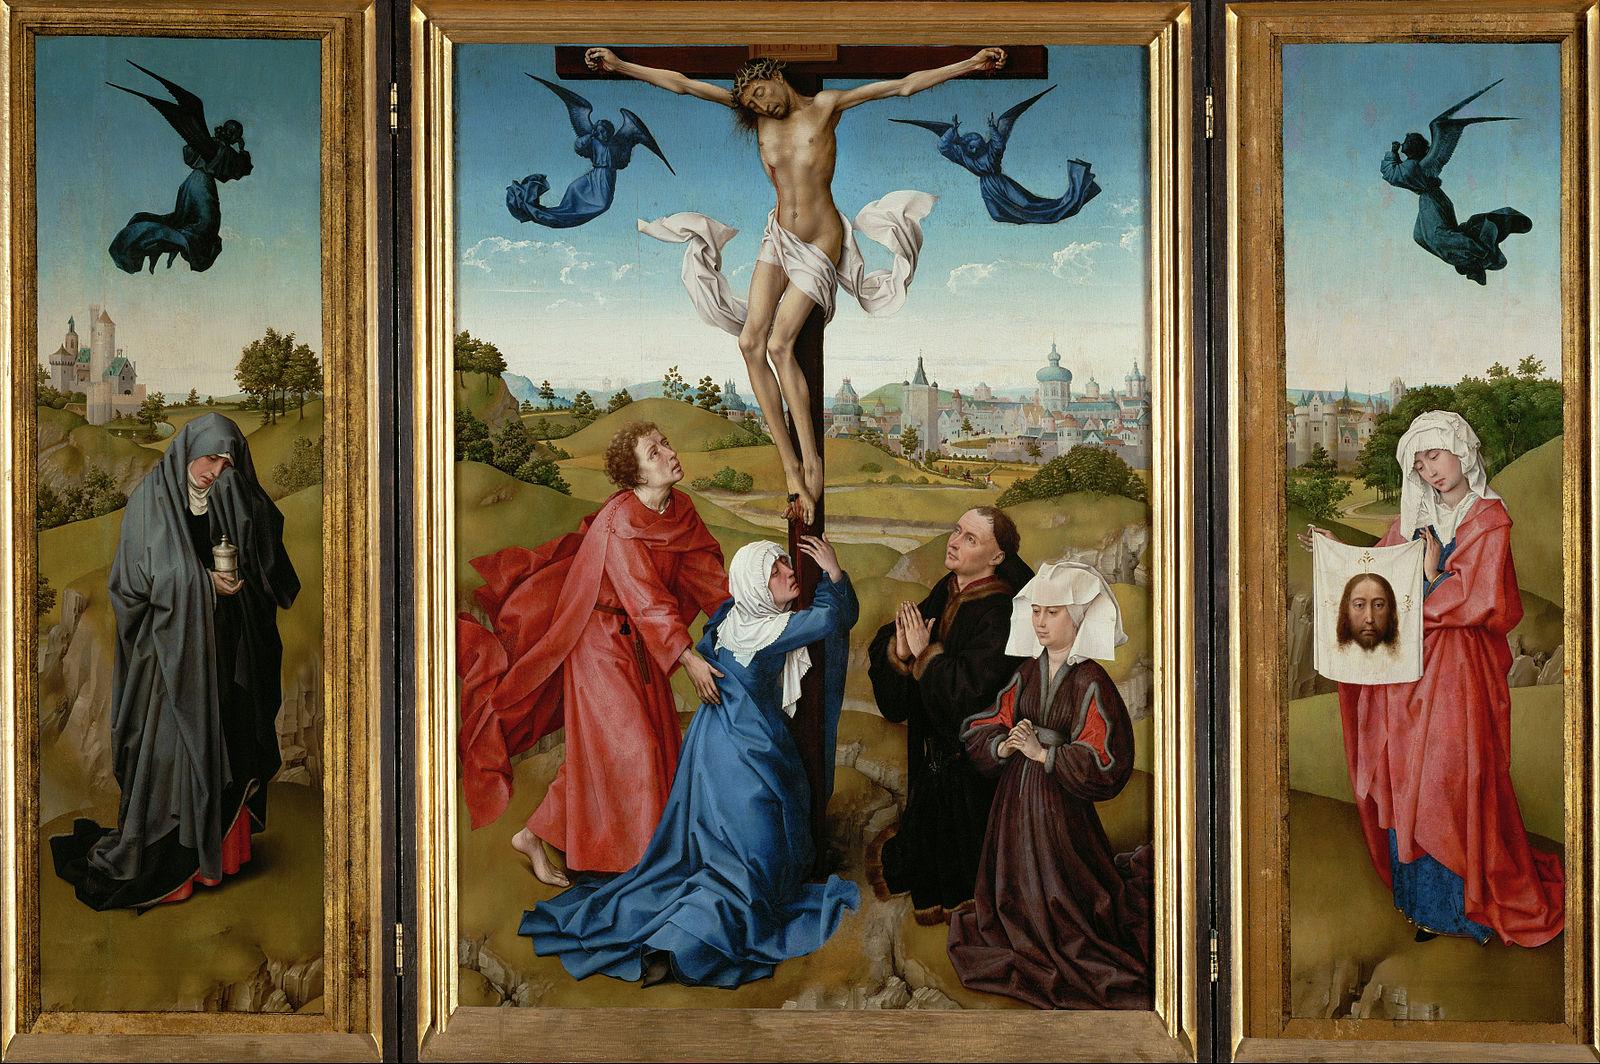 1443-45 Rogier_van_der_Weyden_-_Triptych-_The_Crucifixion_-Kunsthistorisches museum Vienna